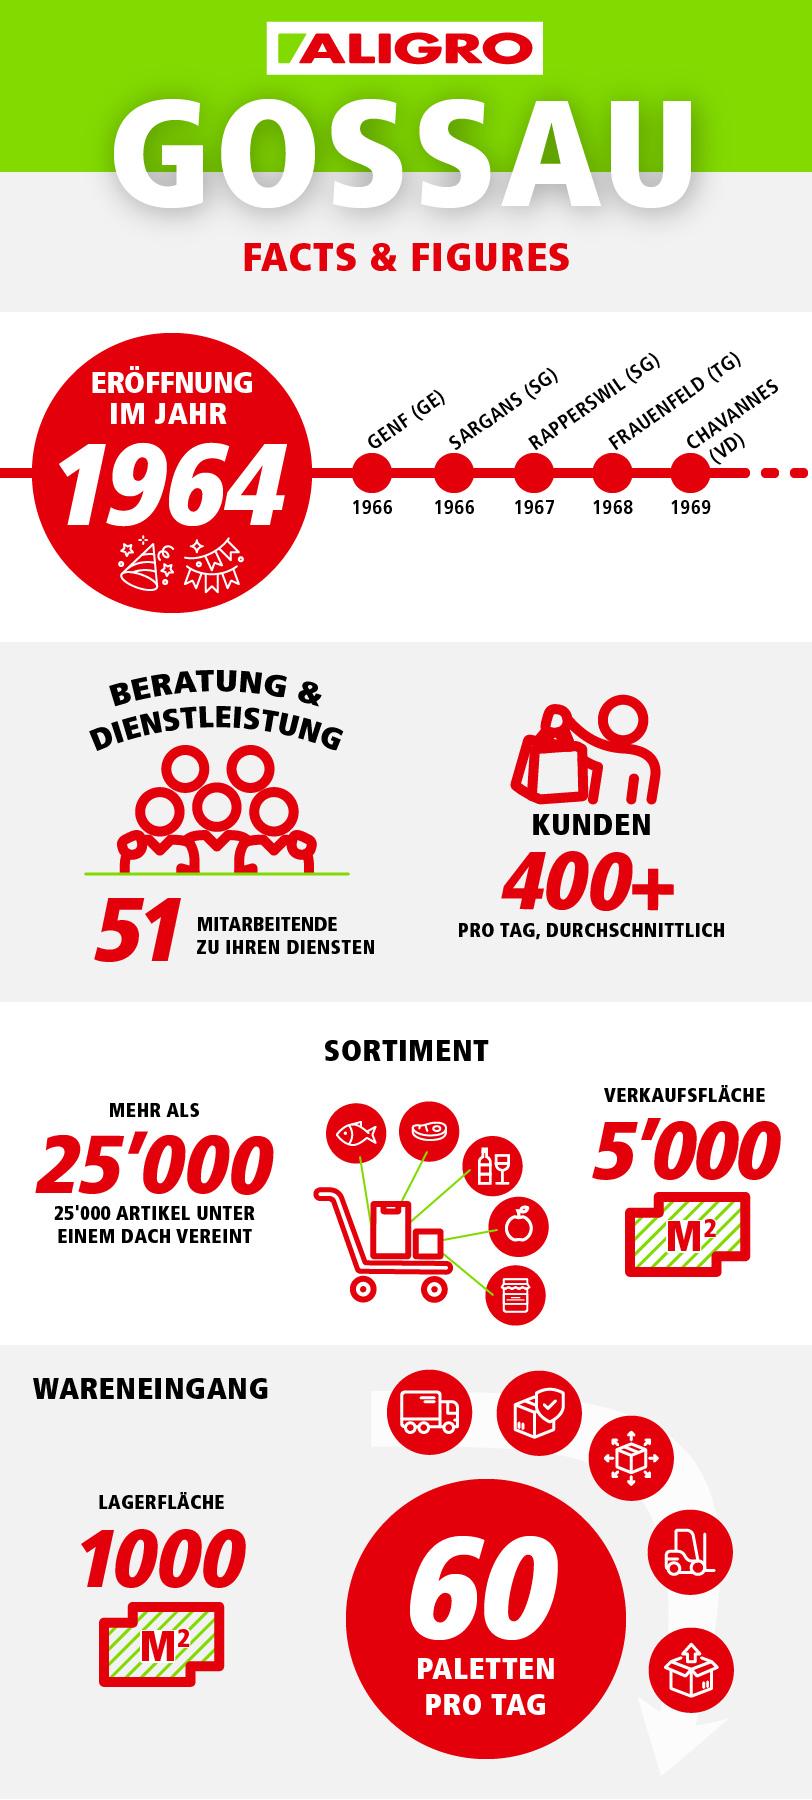 Facts & Figures - ALIGRO Gossau